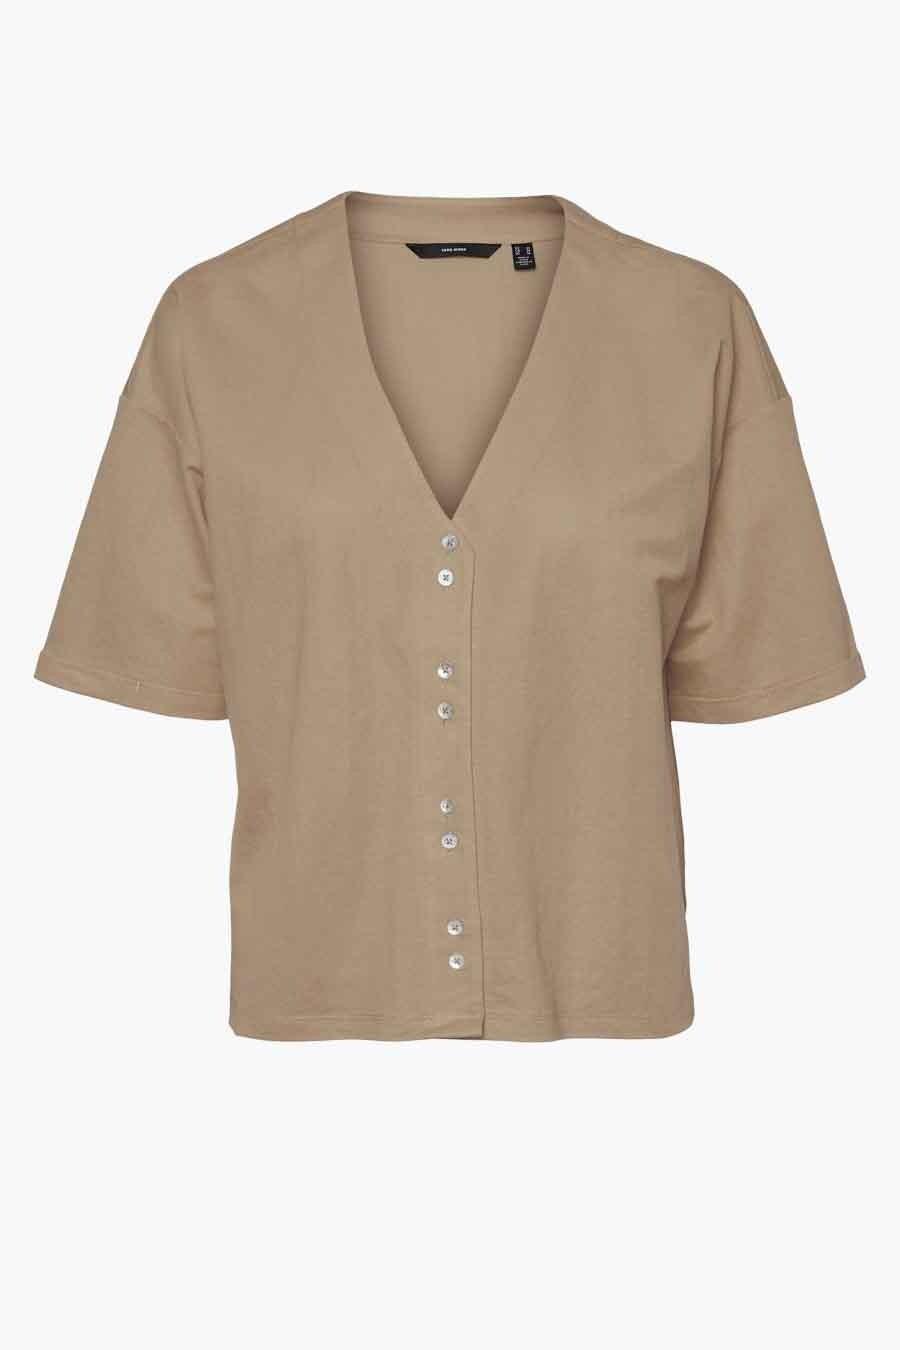 Vero Moda® Blouse korte mouwen, Ecru, Dames, Maat: L/M/S/XL